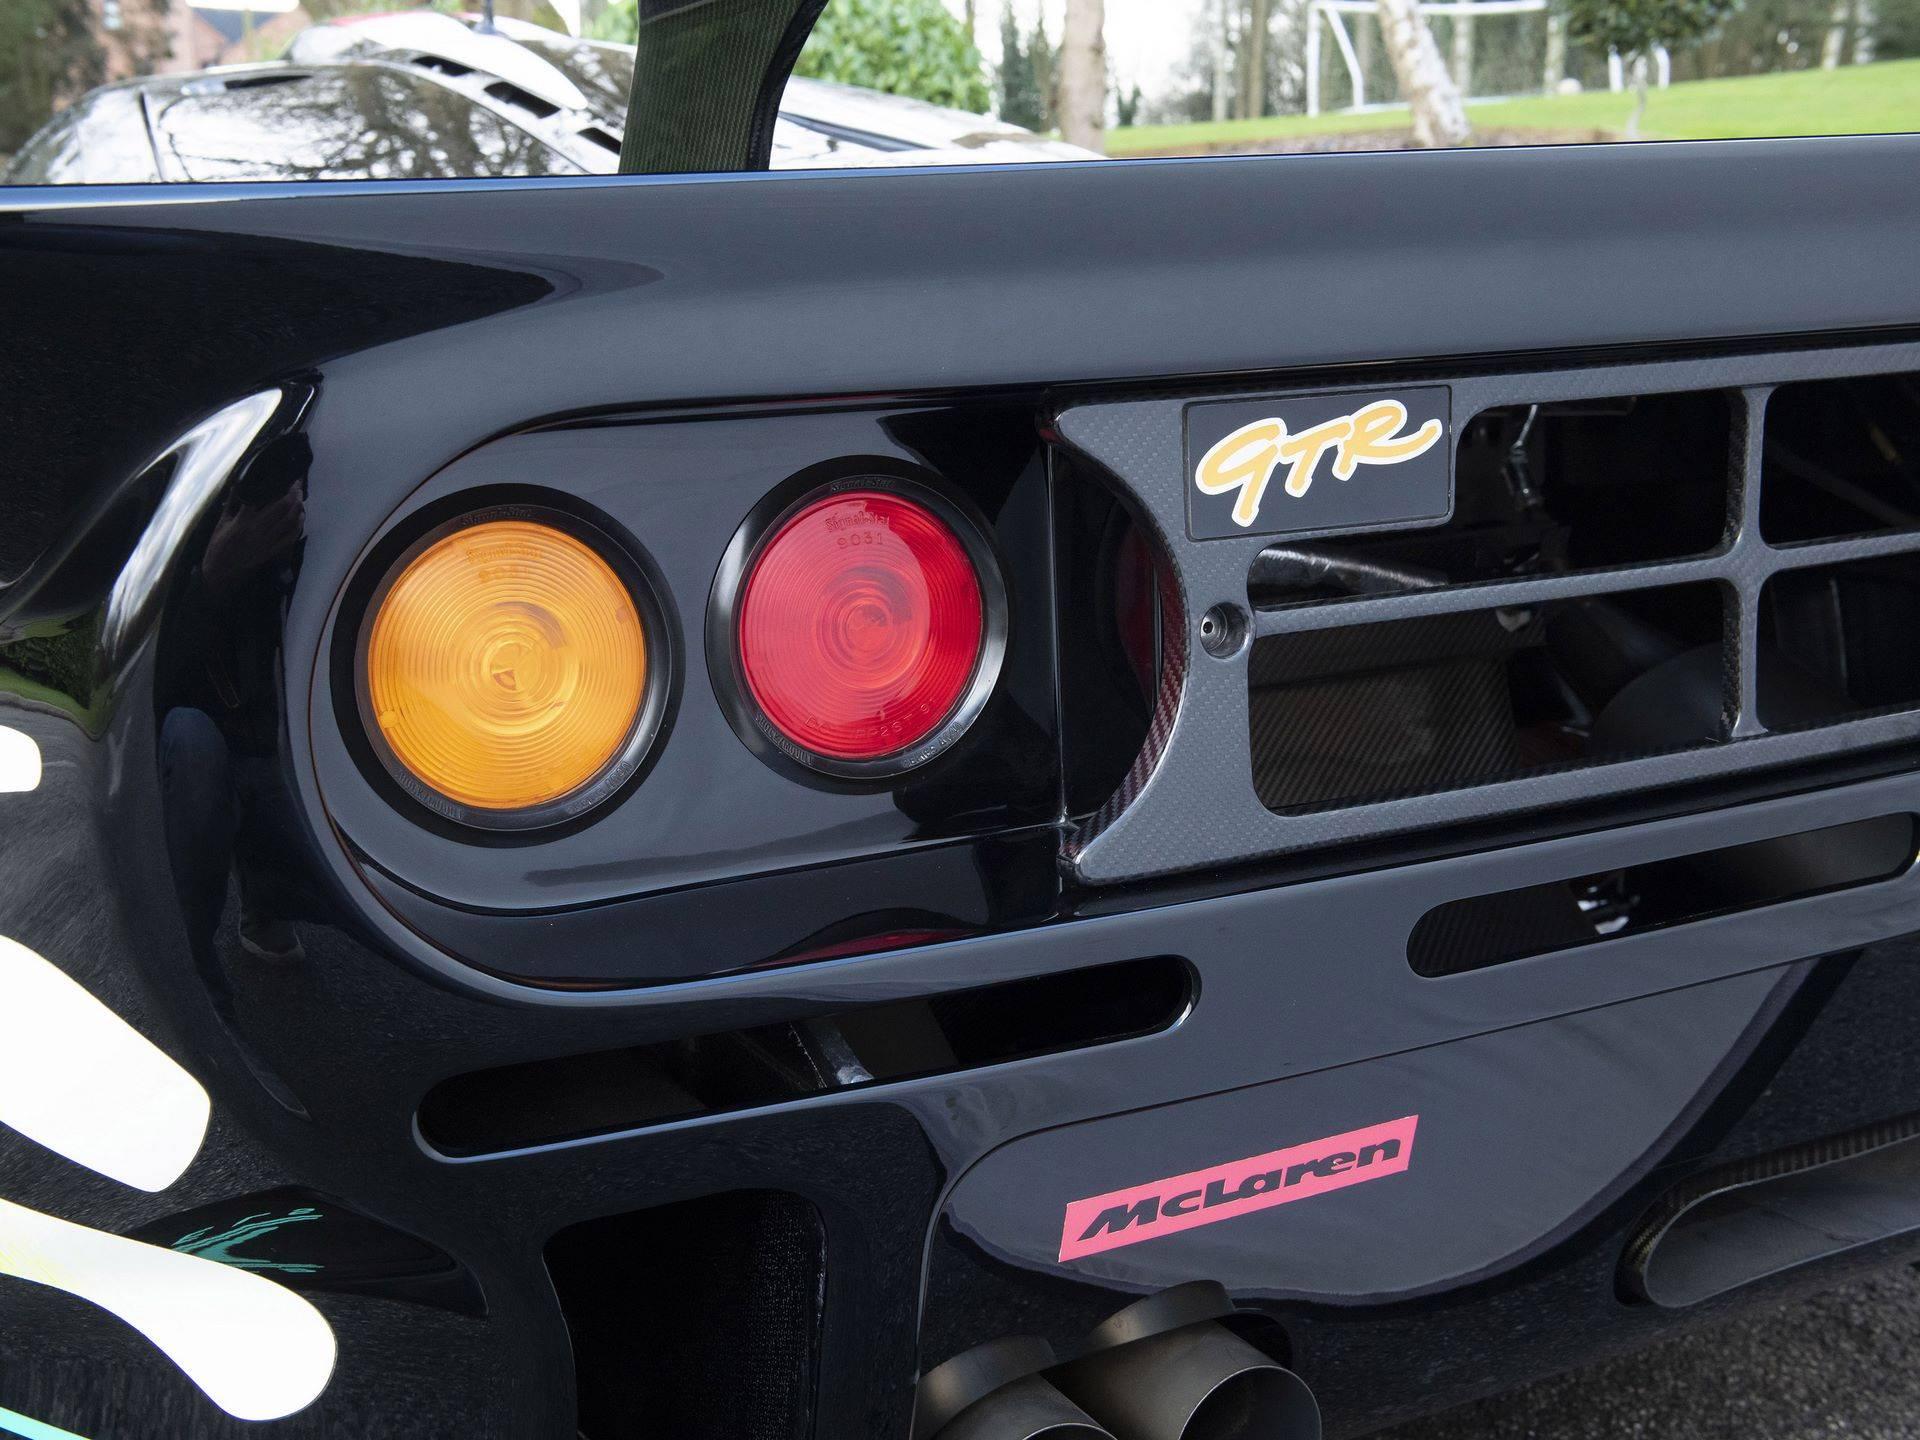 McLaren-F1-GTR-070